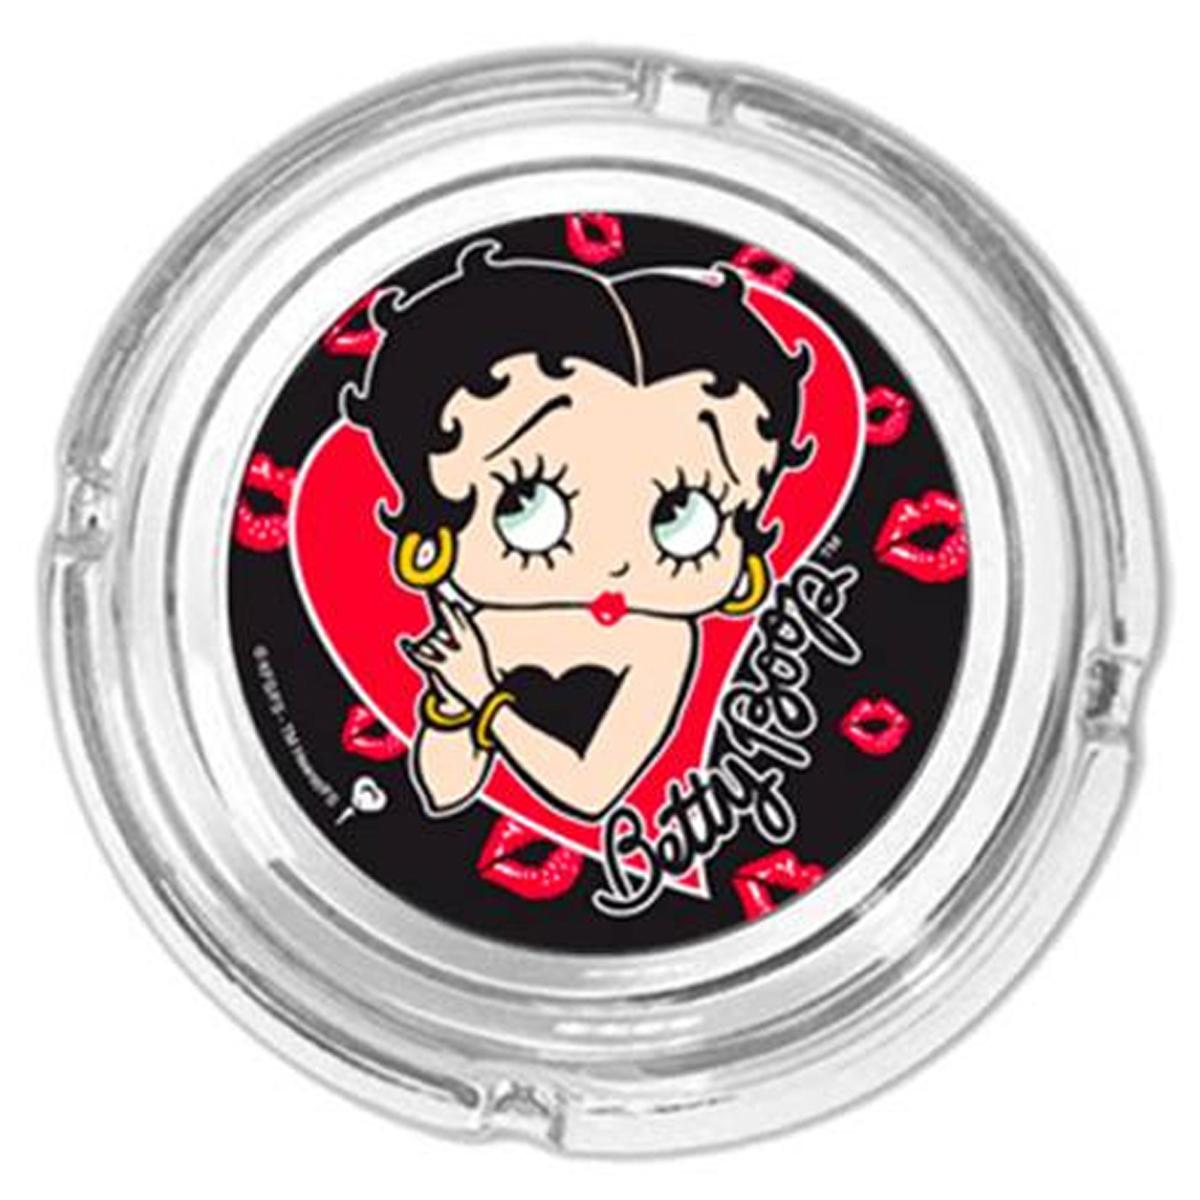 Cendrier verre \'Betty Boop\' noir rouge - 11x4 cm - [R1610]